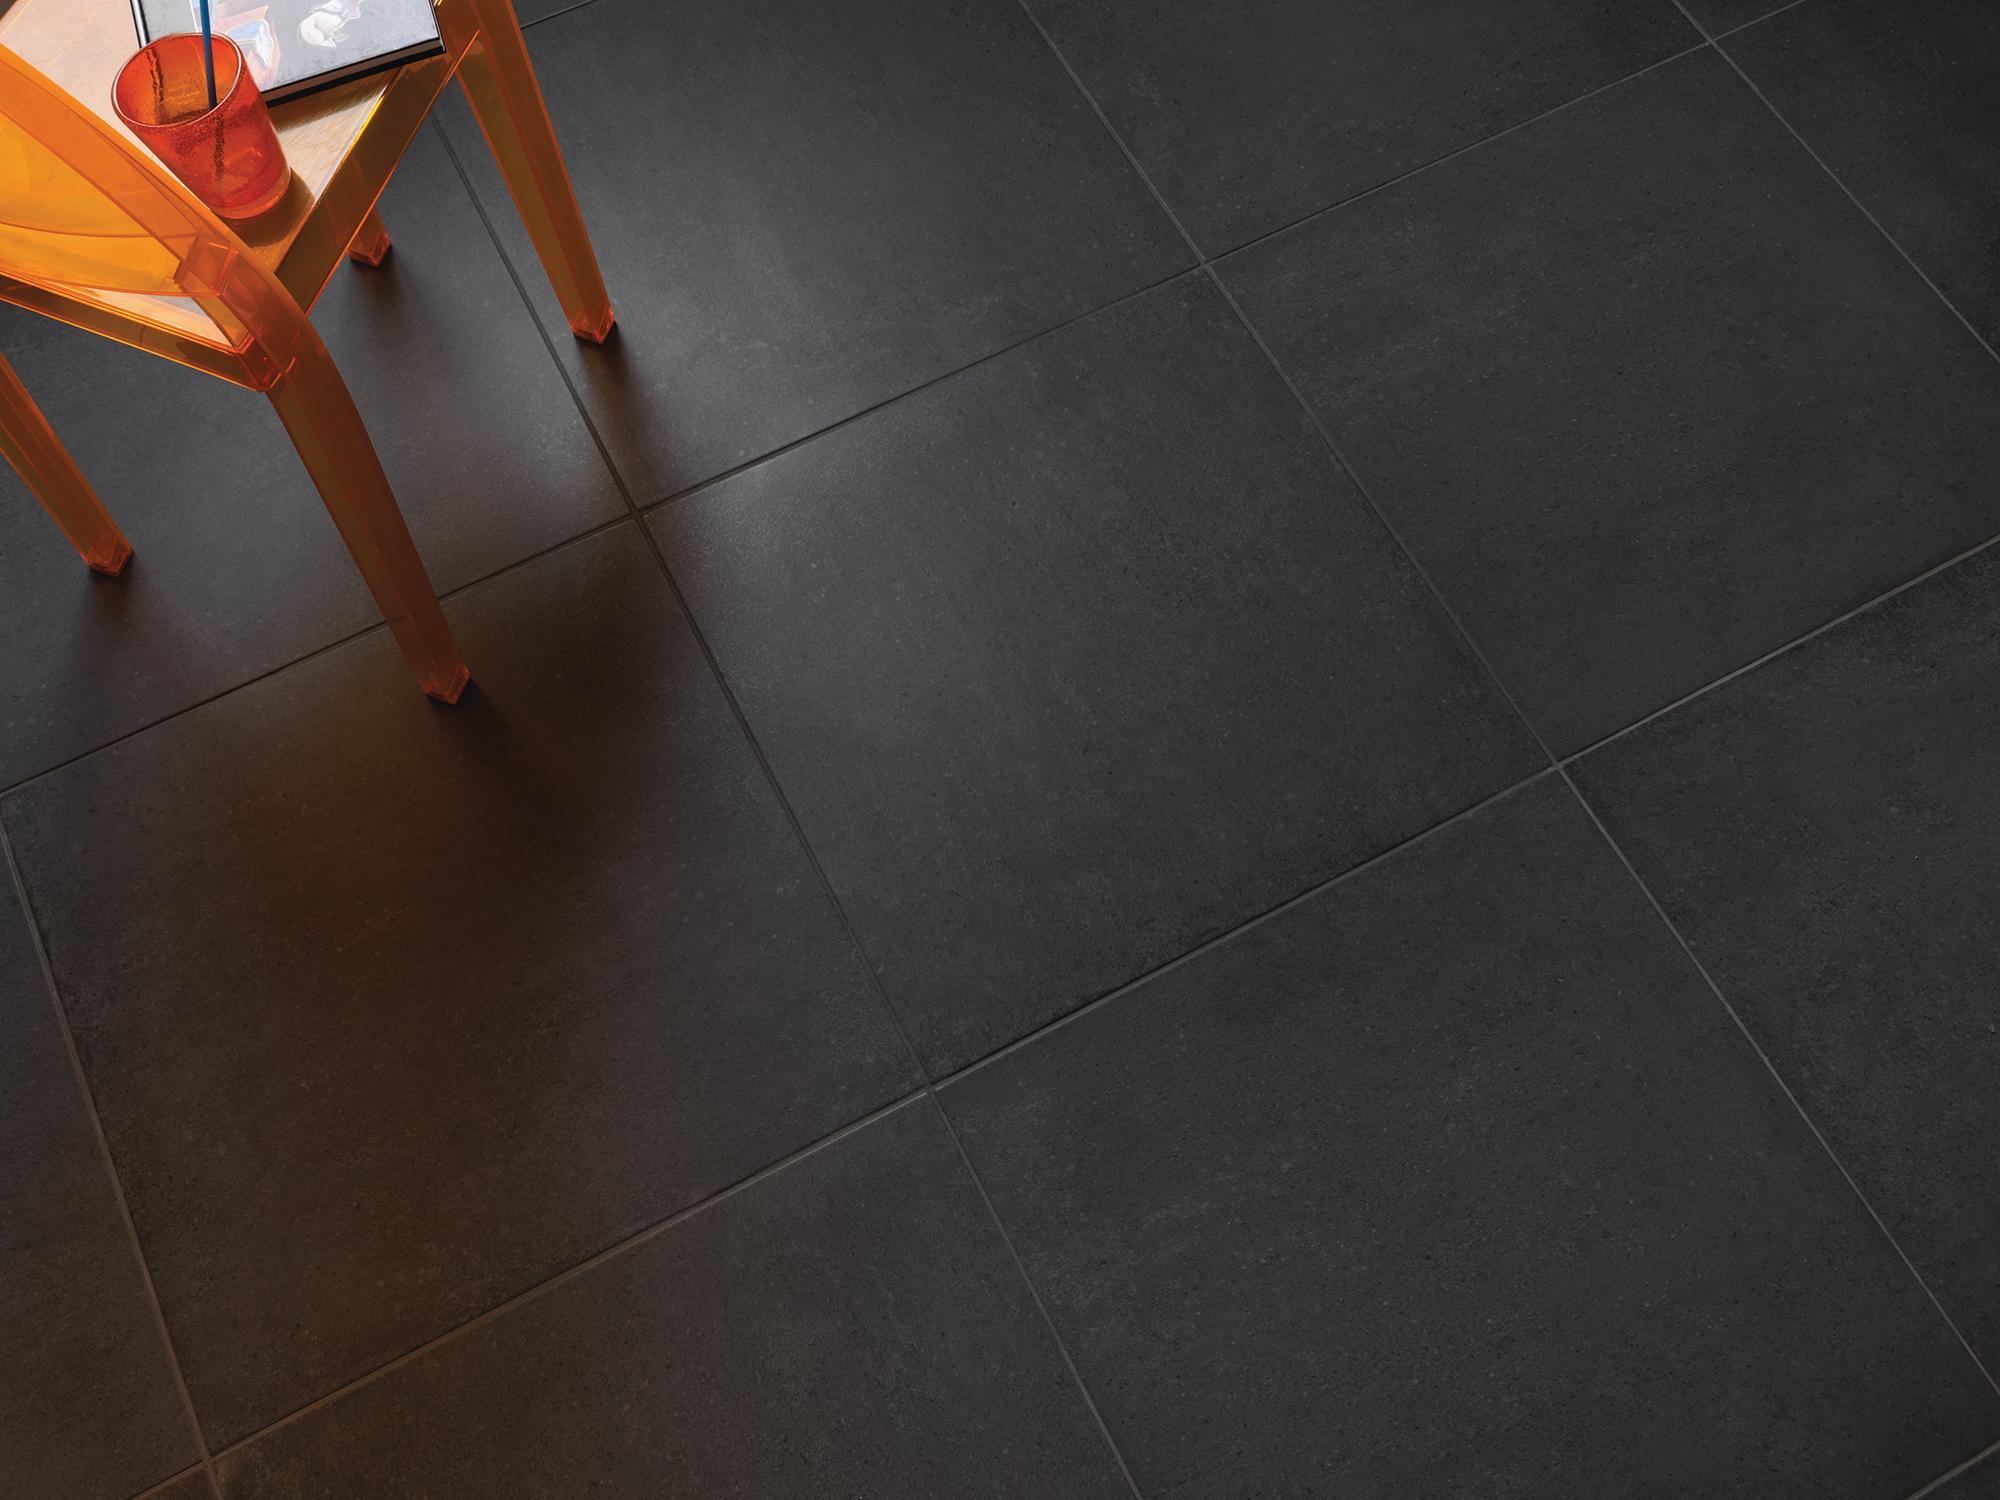 muster der betonoptik bodenfliesen materia schwarz 60x60cm feinsteinzeug r10 ebay. Black Bedroom Furniture Sets. Home Design Ideas